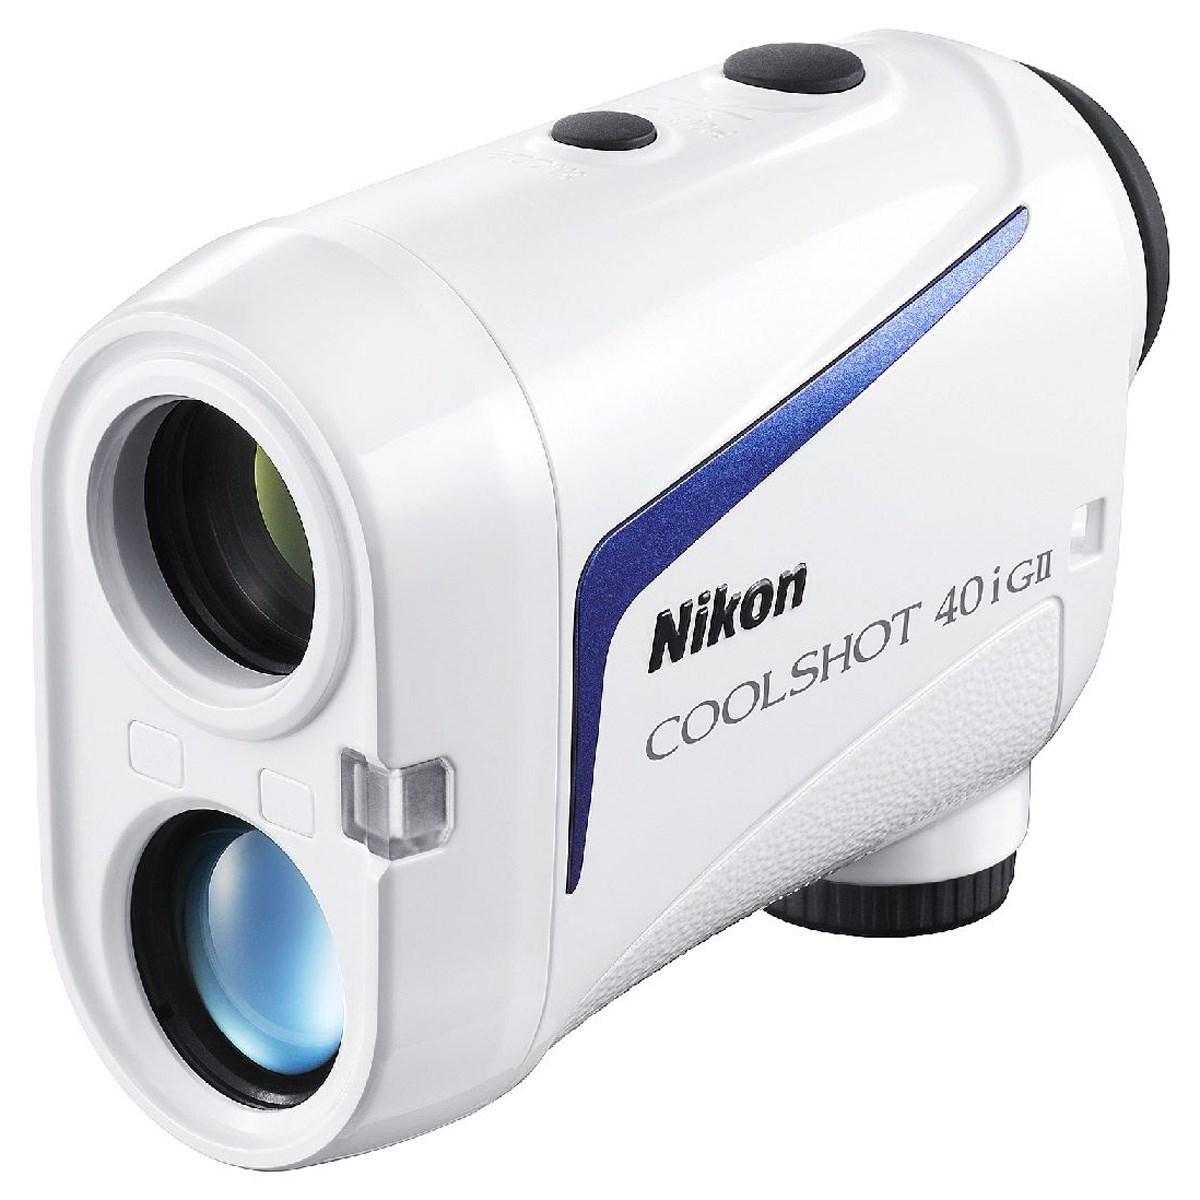 ニコン(Nikon) COOLSHOT 40iGII